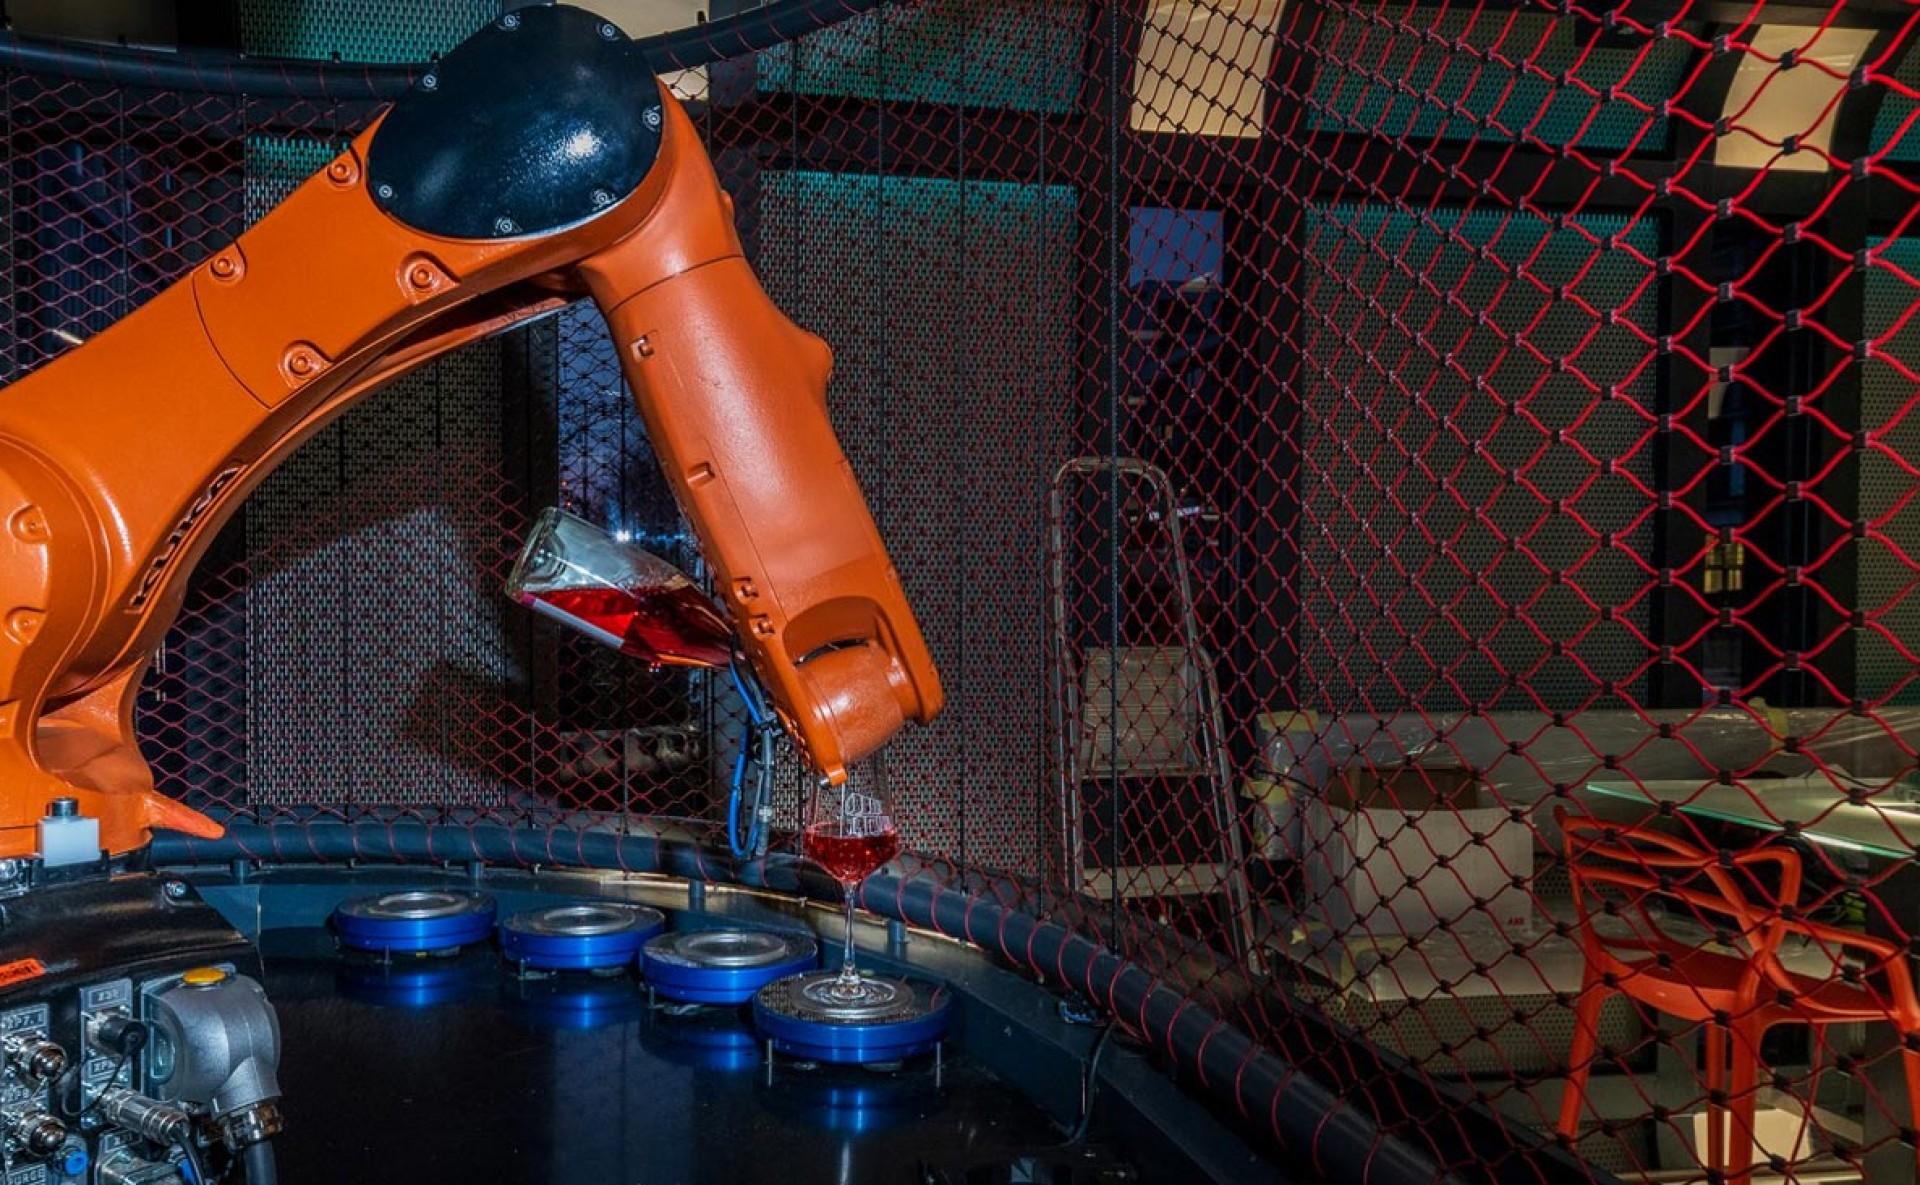 Pronájem robotická vinárna Cyberdog